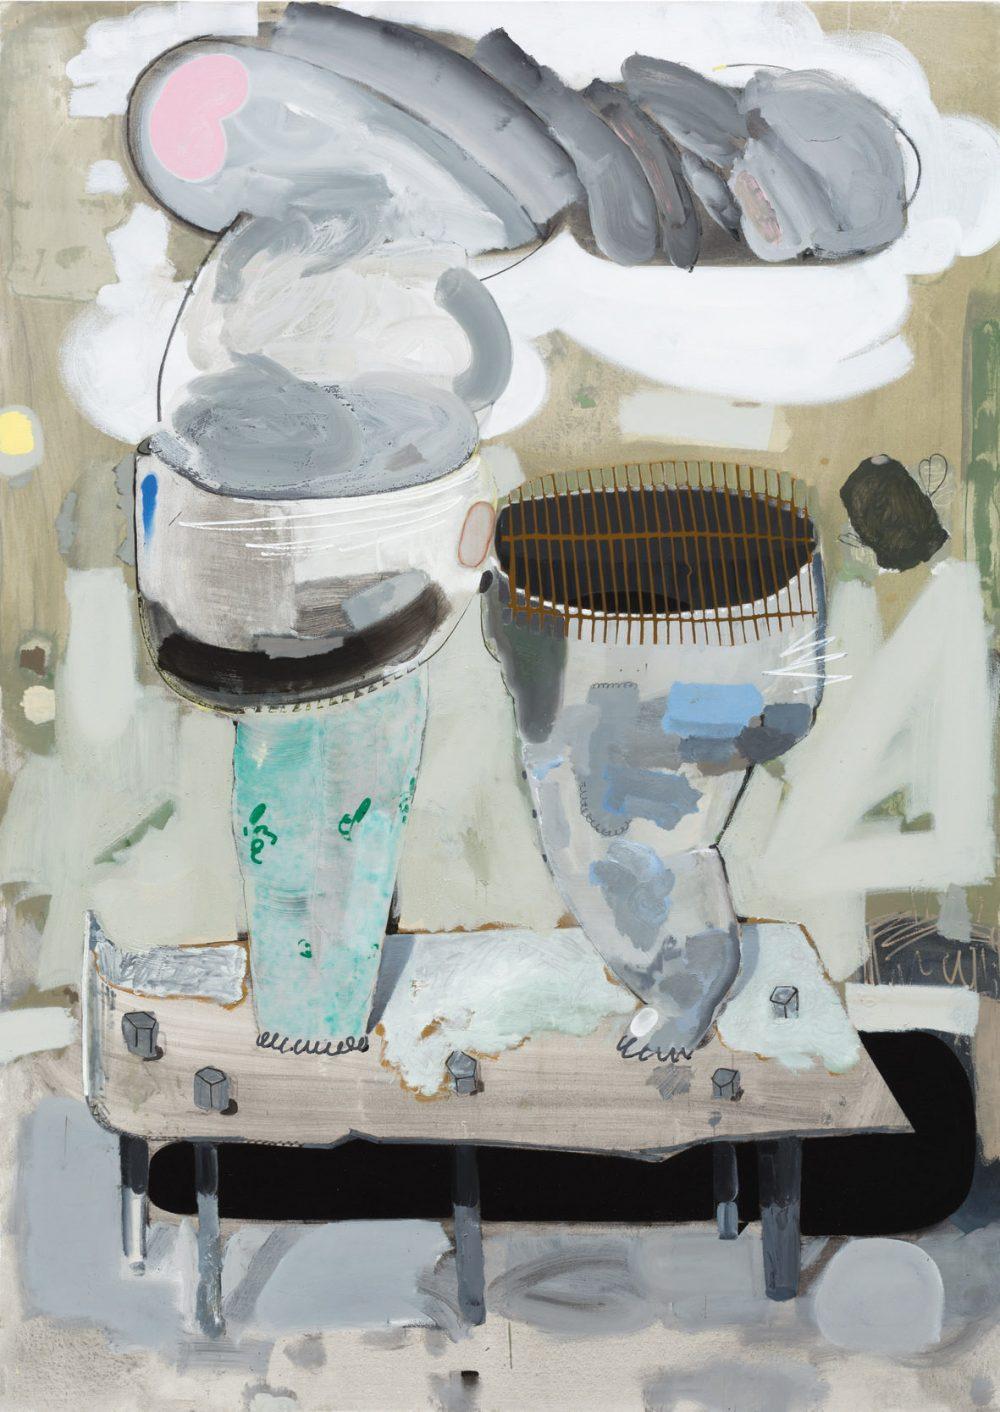 o.T. 43 (2016), Öl, Lack auf Leinwand, 280 x 200 cm